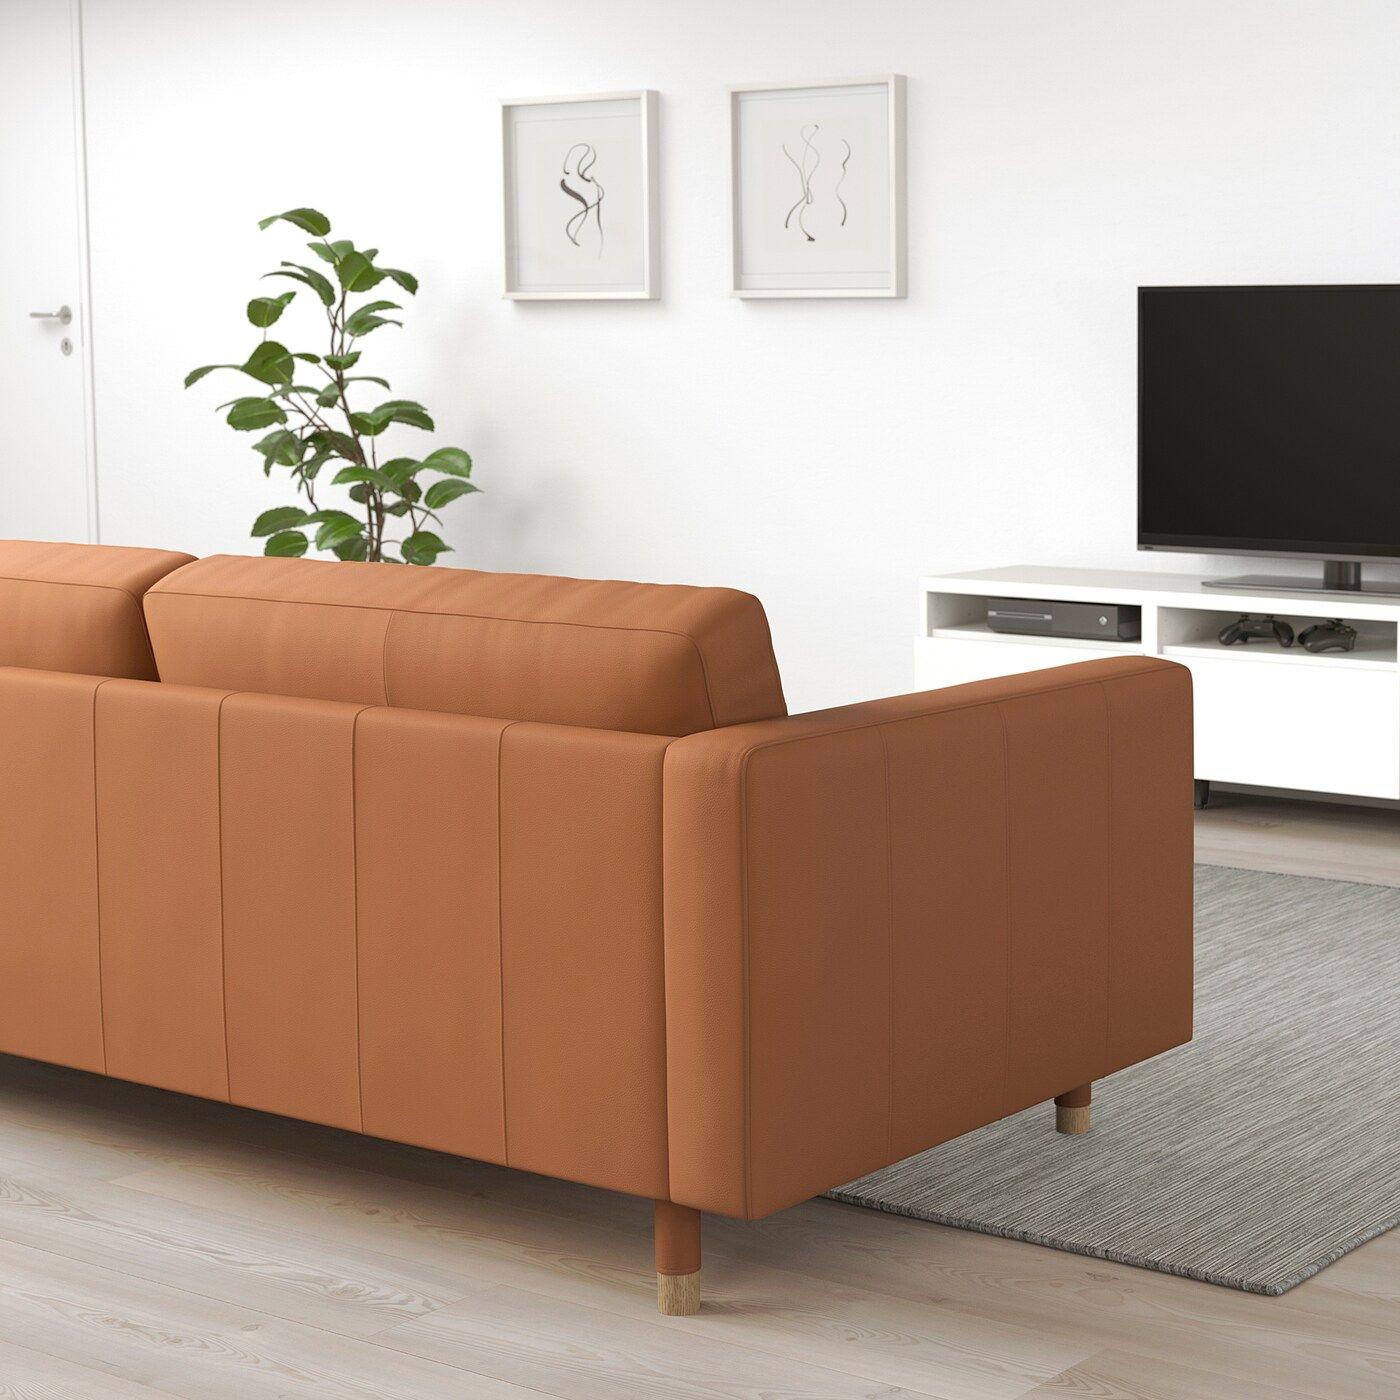 Landskrona 3er Sofa Grann Bomstad Goldbraun Heute Noch Bestellen Ikea Osterreich In 2020 3er Sofa Recamiere Sofa